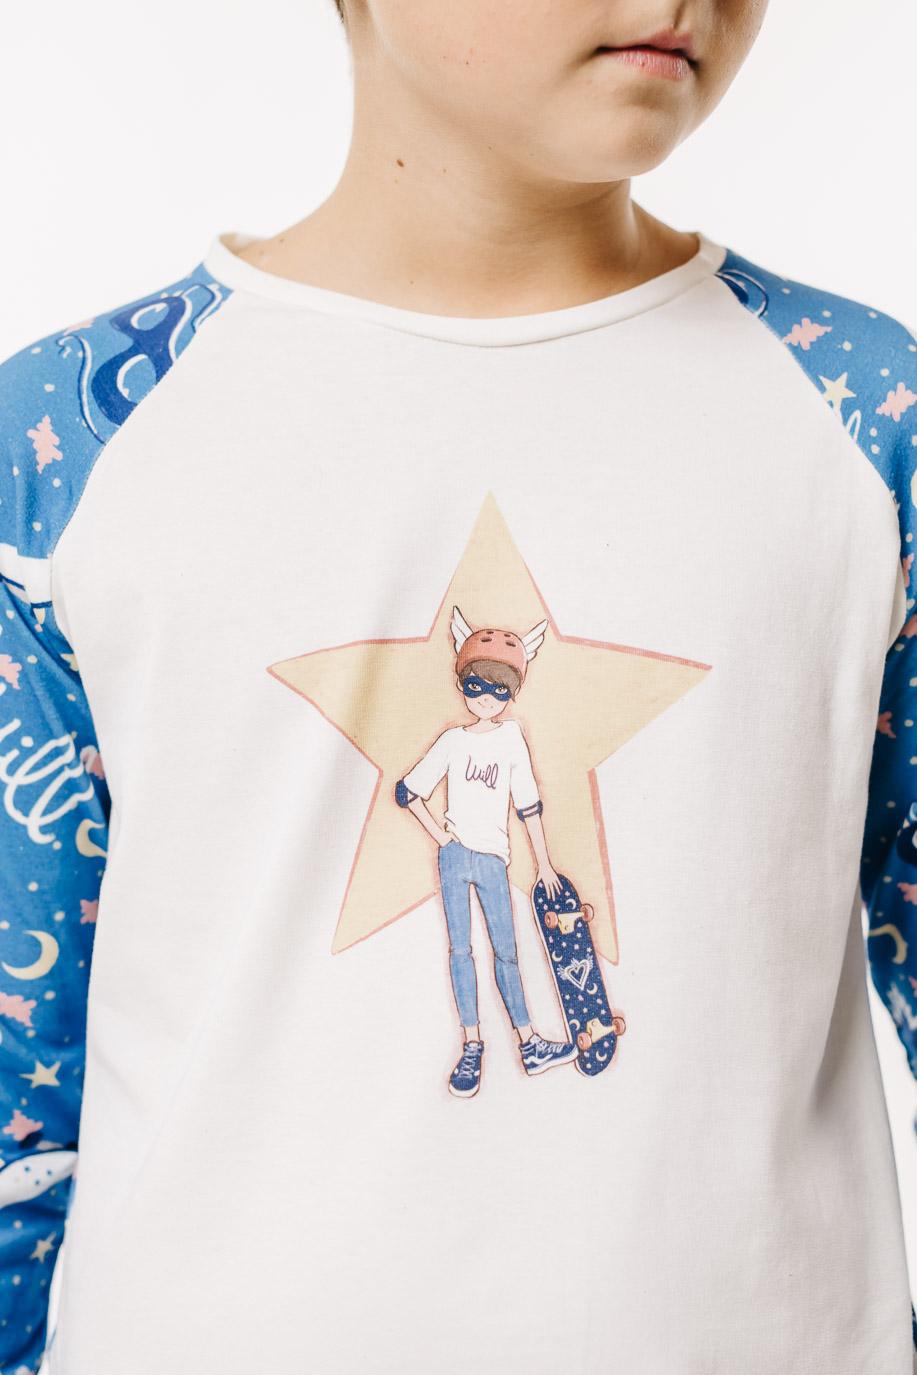 pijama suenya estels 0016 web Estels